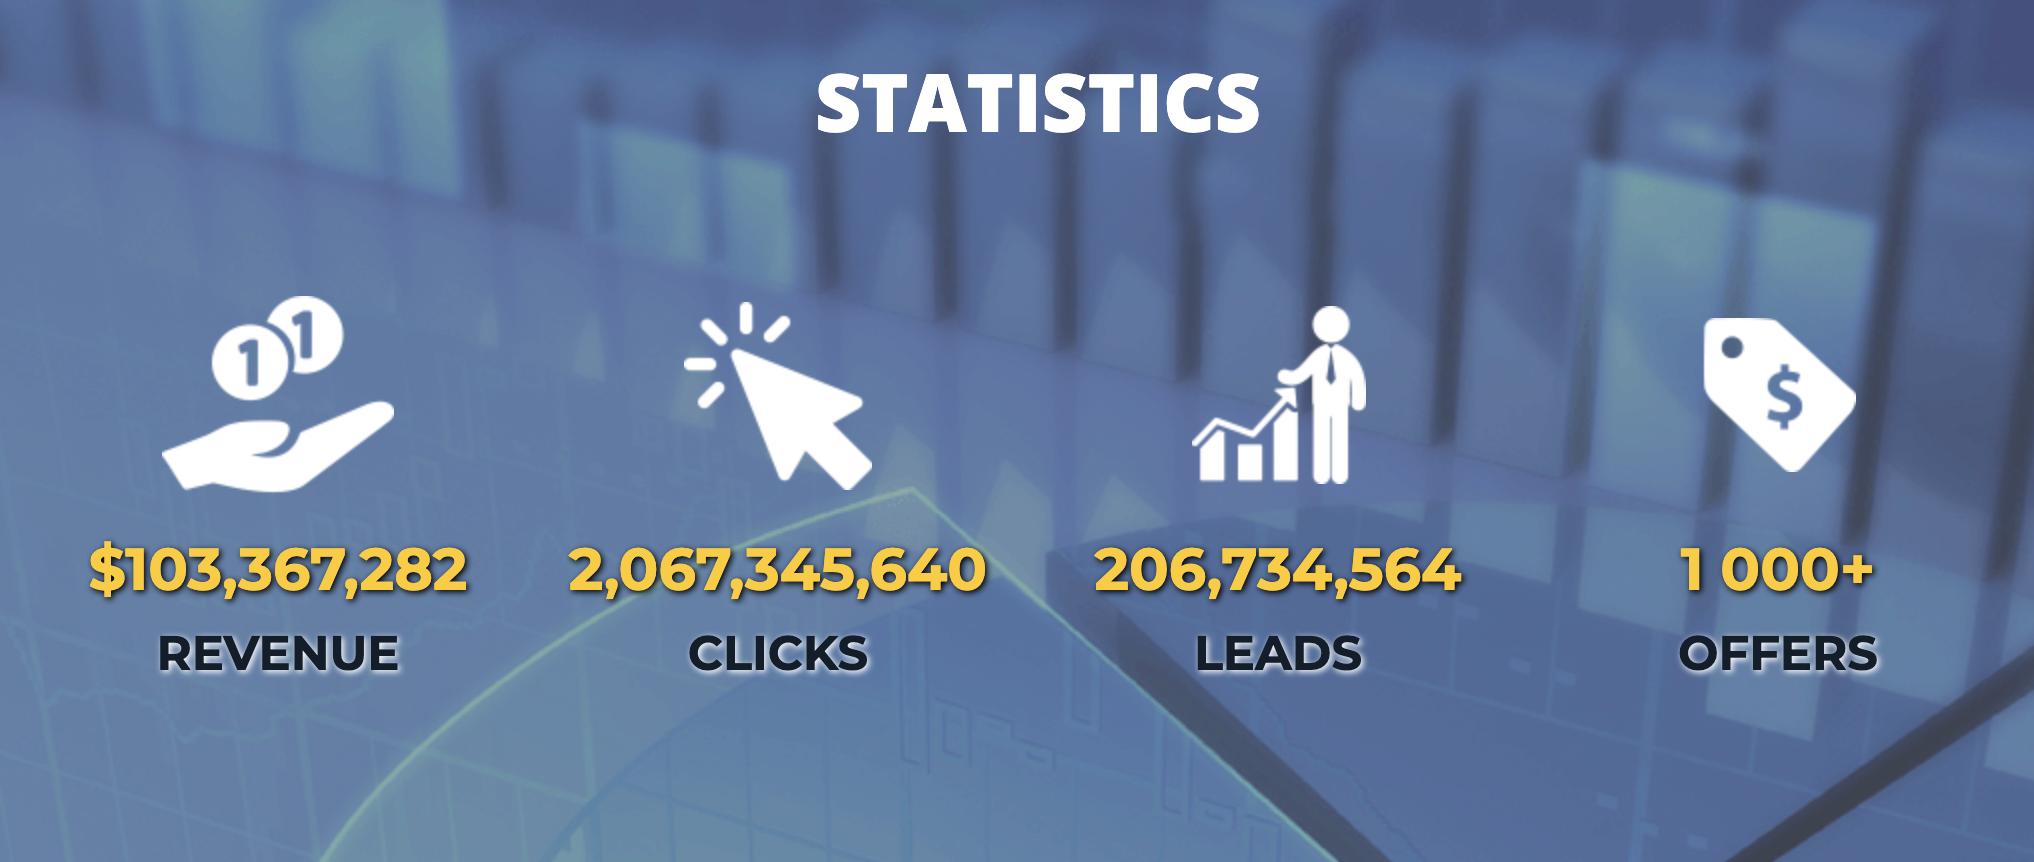 Franktrax Statistics